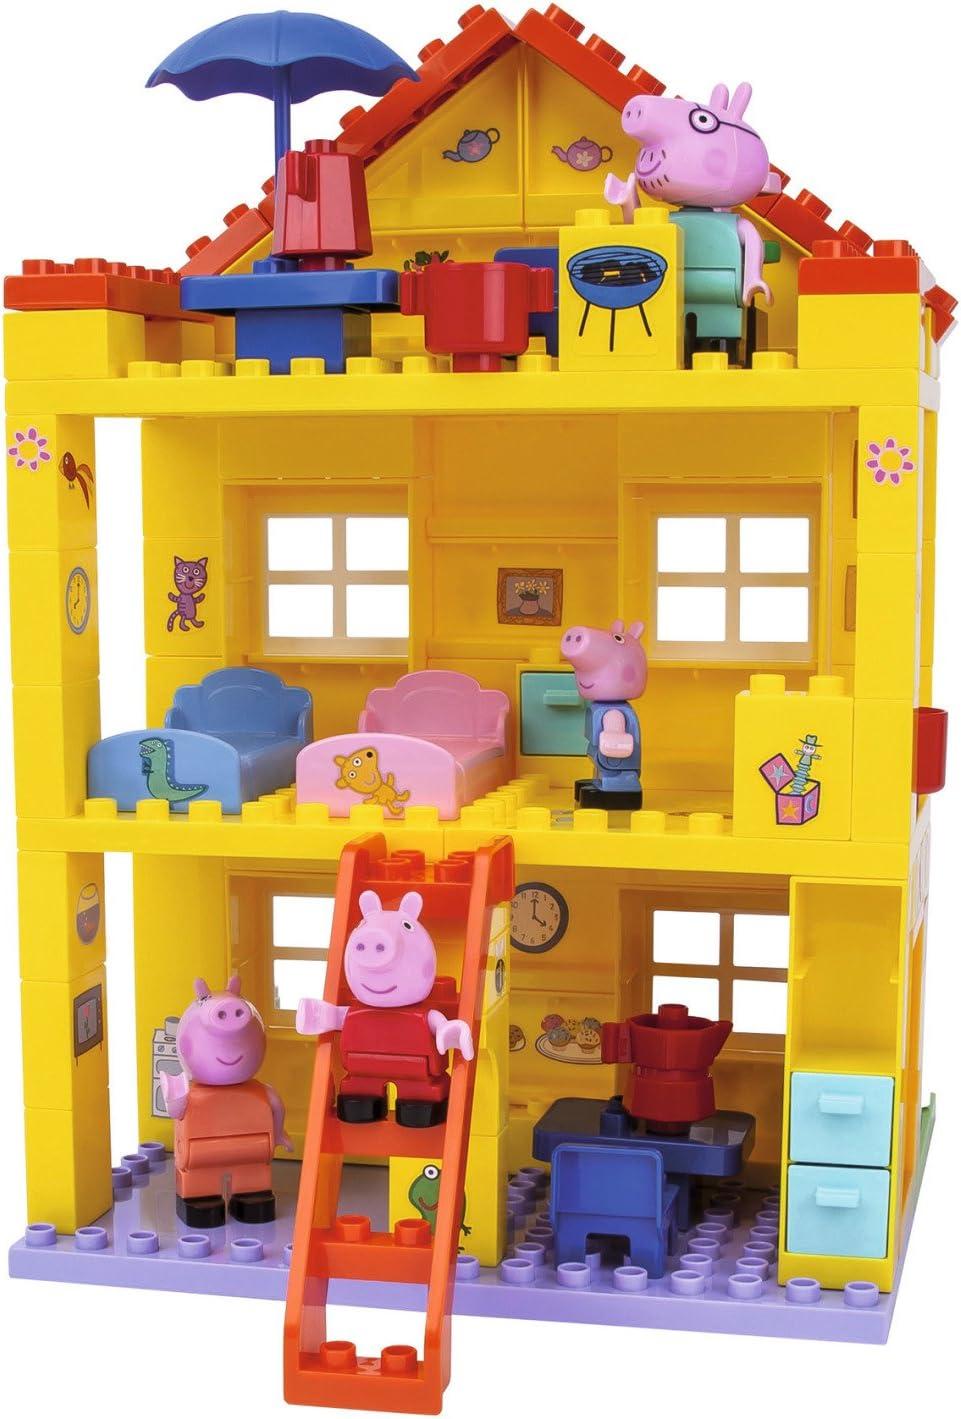 BIG - Juego de construcción para niños Peppa pig , color/modelo surtido: Amazon.es: Juguetes y juegos